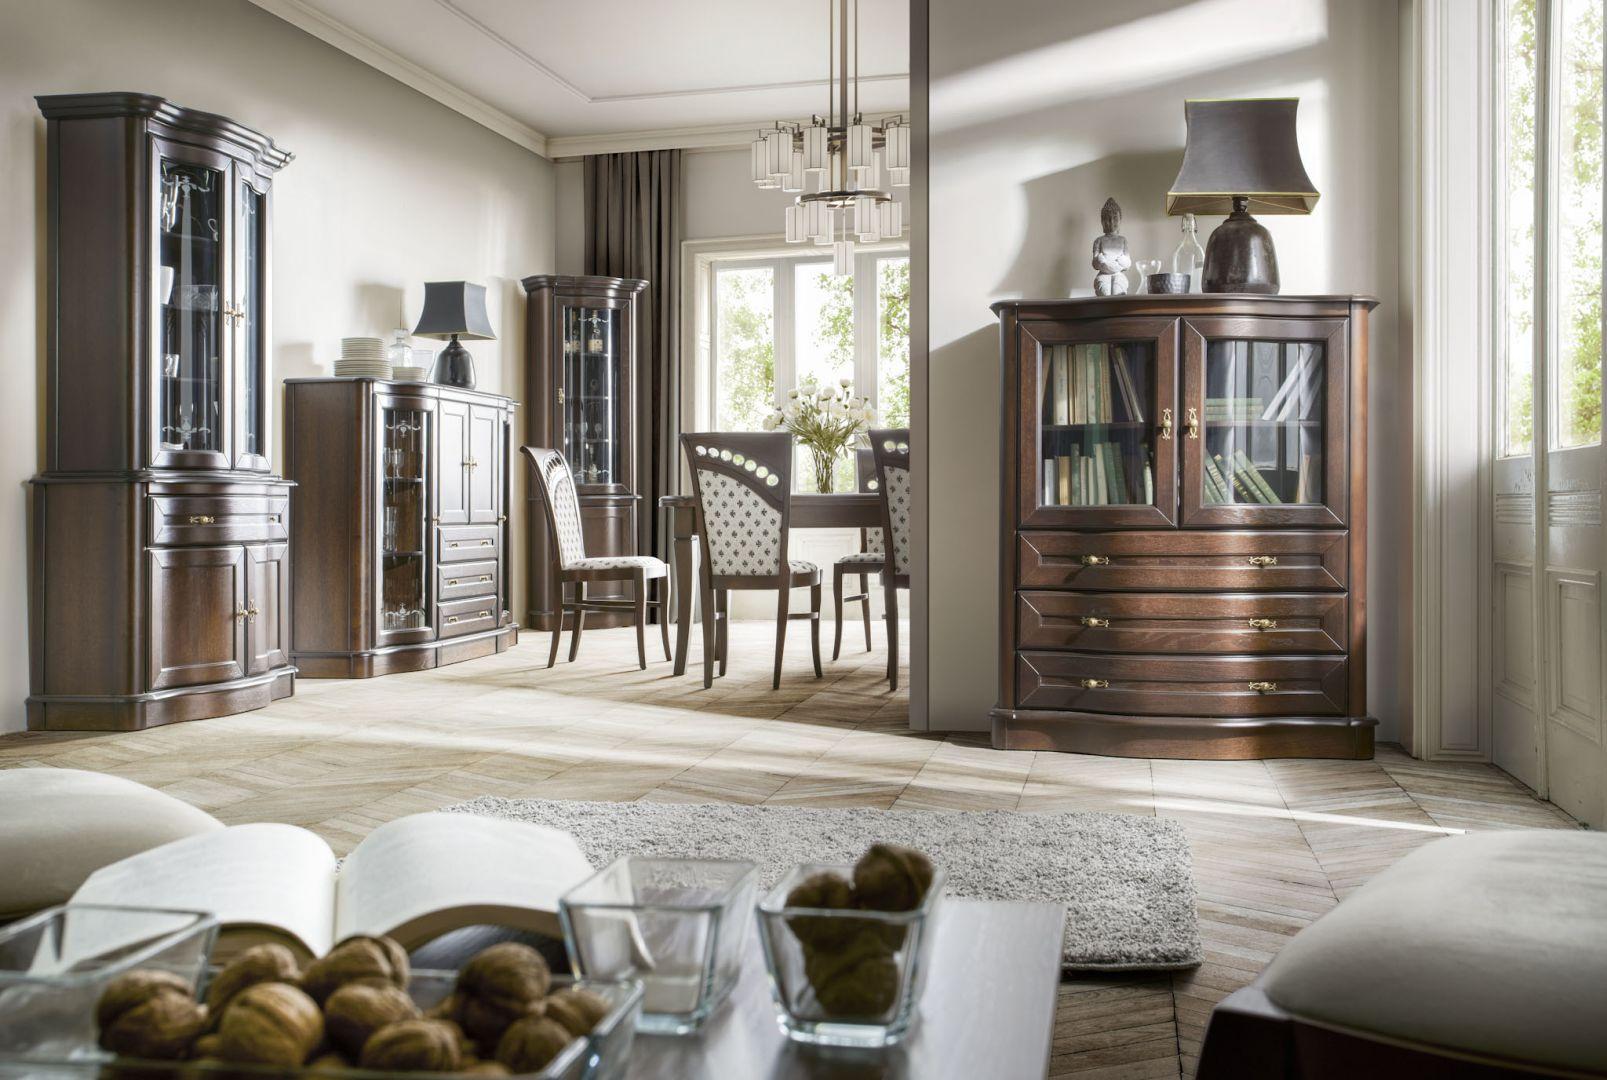 Kolekcja Fala to meble do salonu i jadalni w klasycznym stylu. Fot. Meble Olejnikowski